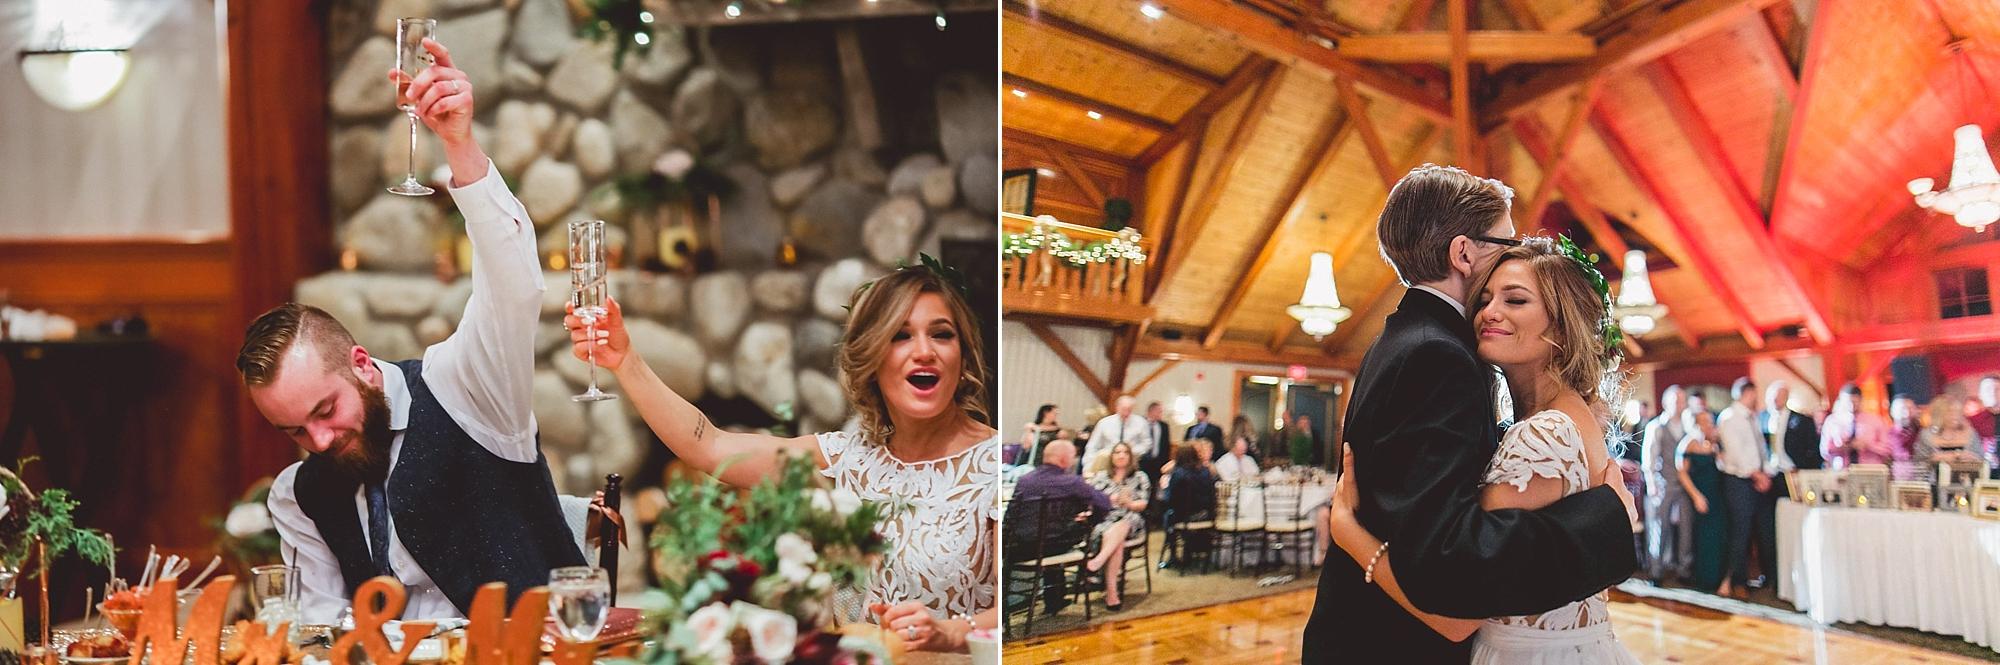 Tweaksbury-country-clup-wedding-82.jpg